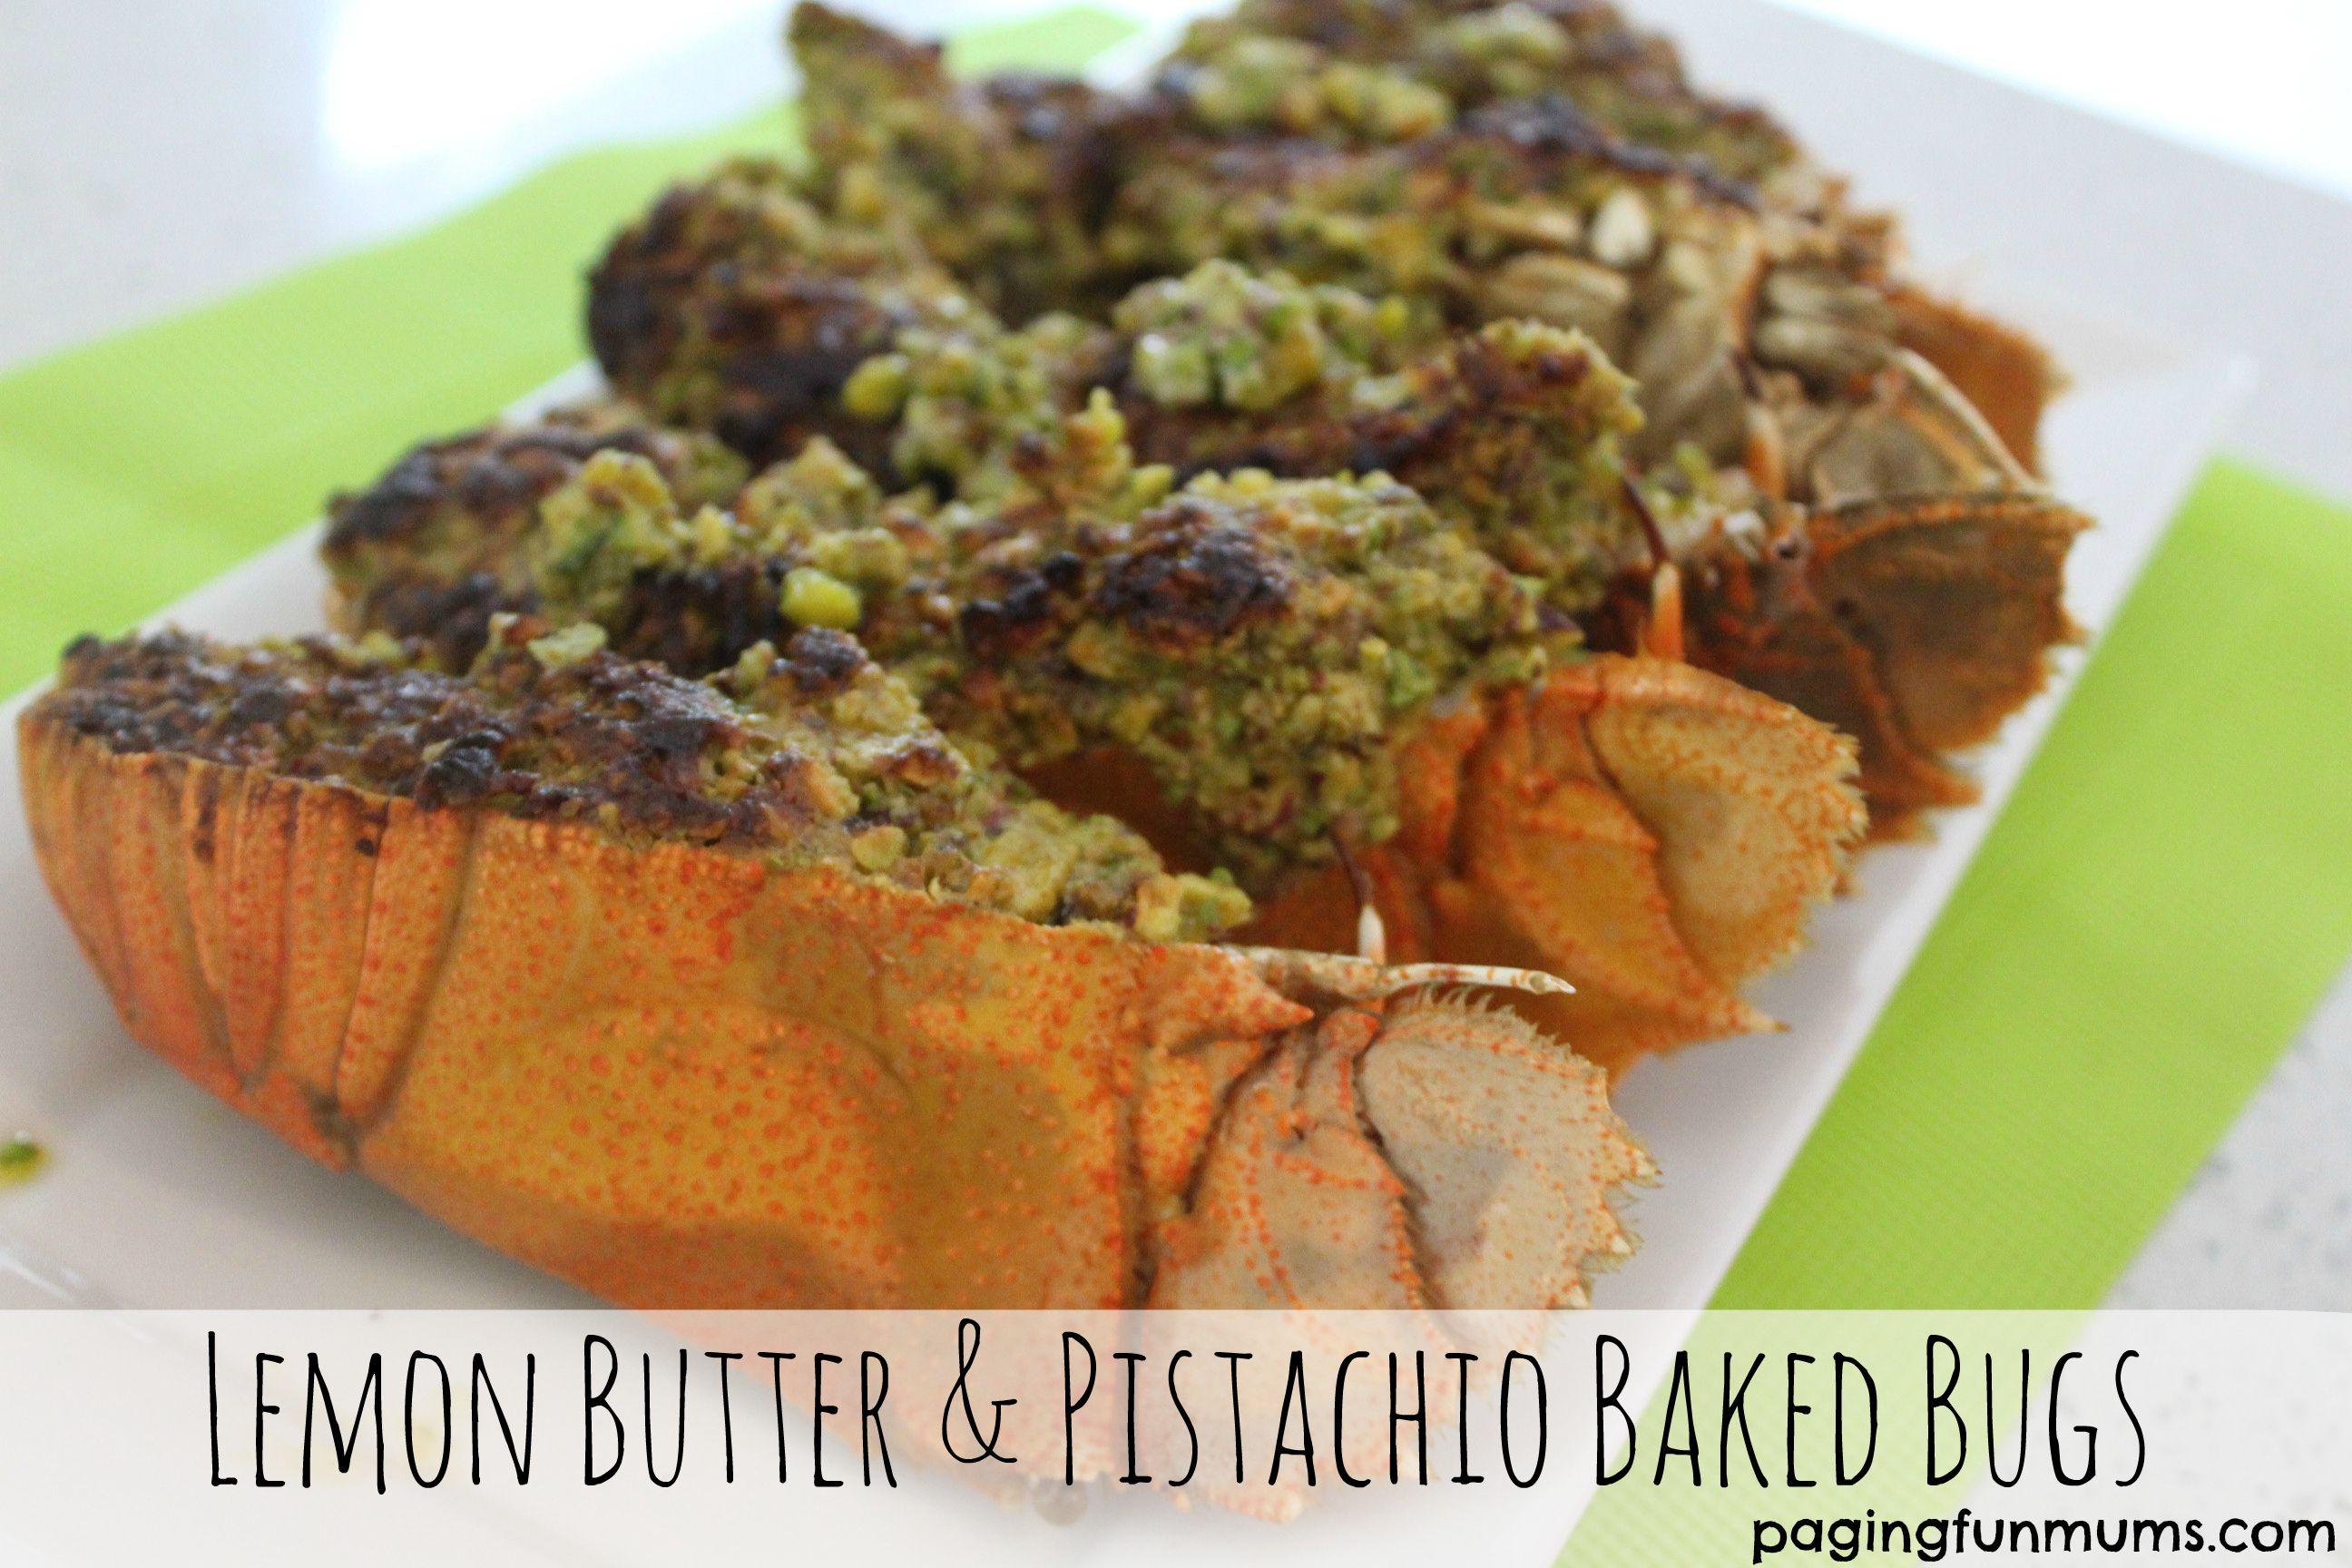 Lemon Butter & Pistachio Baked Bugs